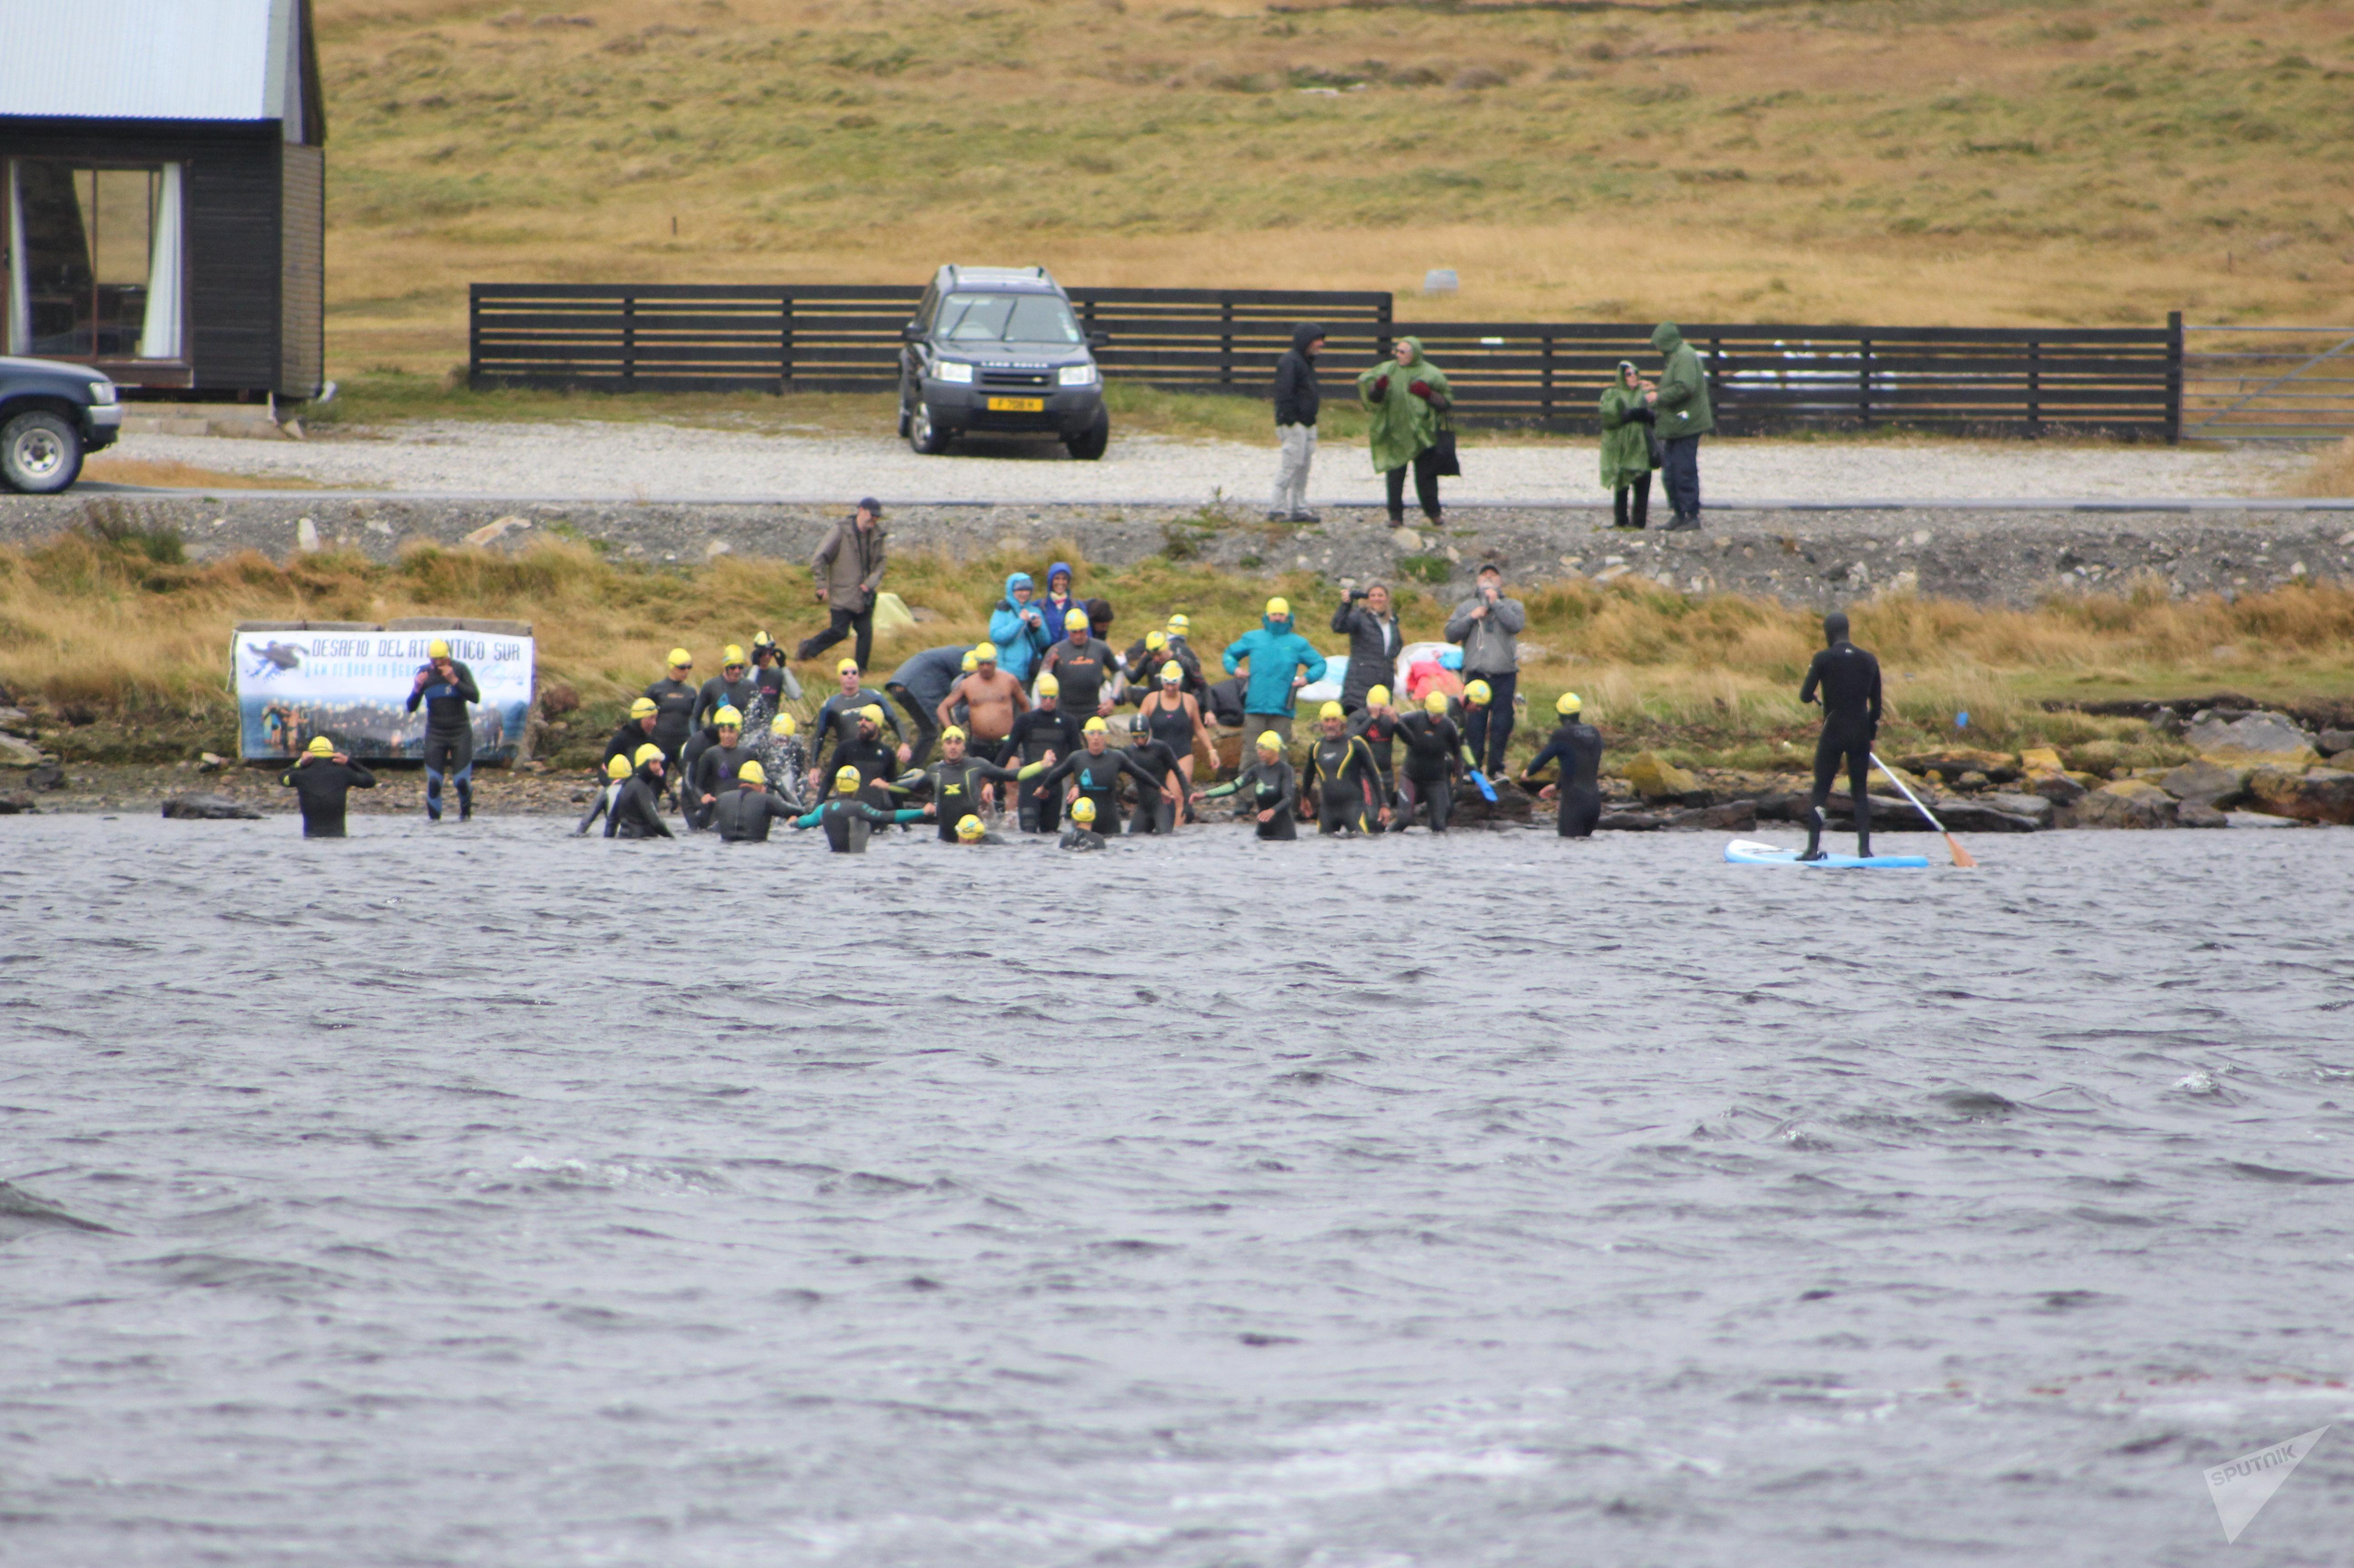 Nadadores de la Fundación No Me Olvides llegan a Malvinas tras una carrera para exigir la identificación de los 123 NN argentinos en las islas.